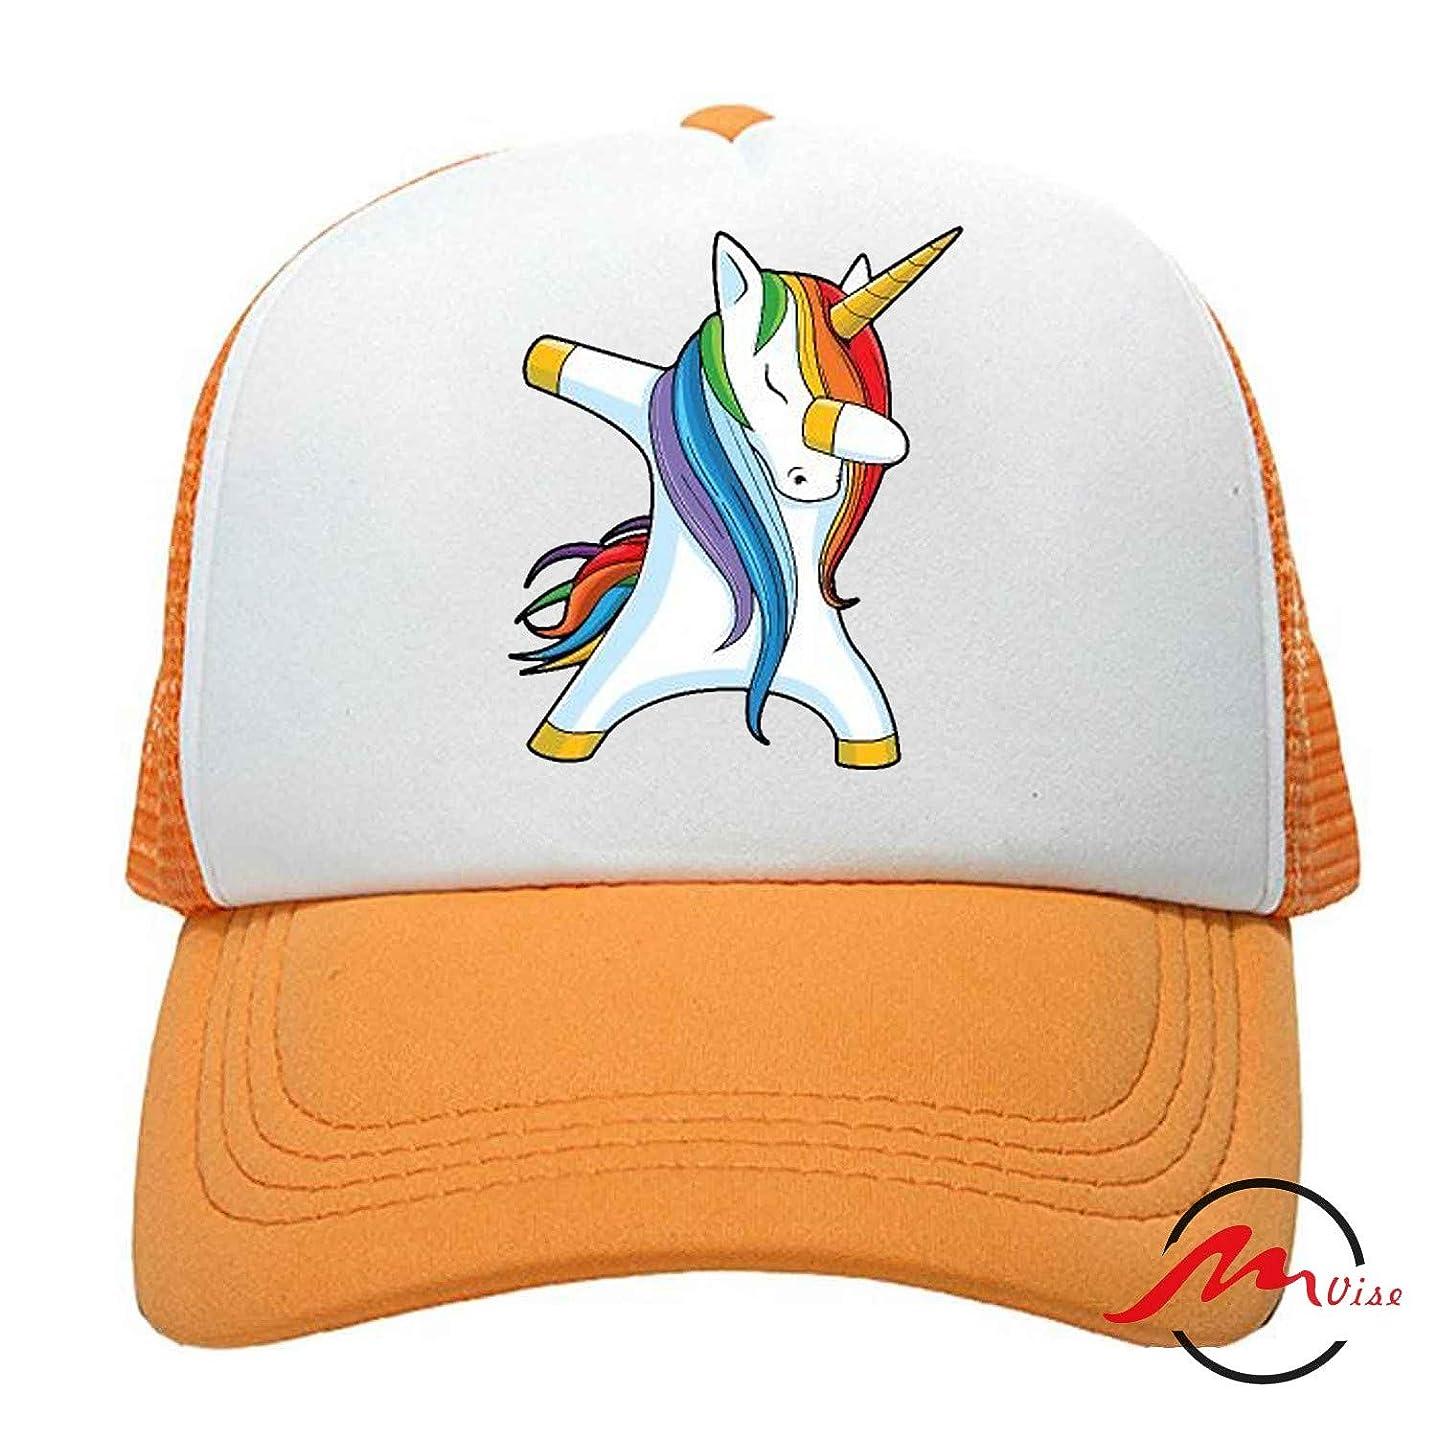 時計鳩着るZMvise Dabbing Unicorn 男女兼用の十代の大人の習慣はかわいい野球帽のトラック運転手の網の帽子を印刷しました